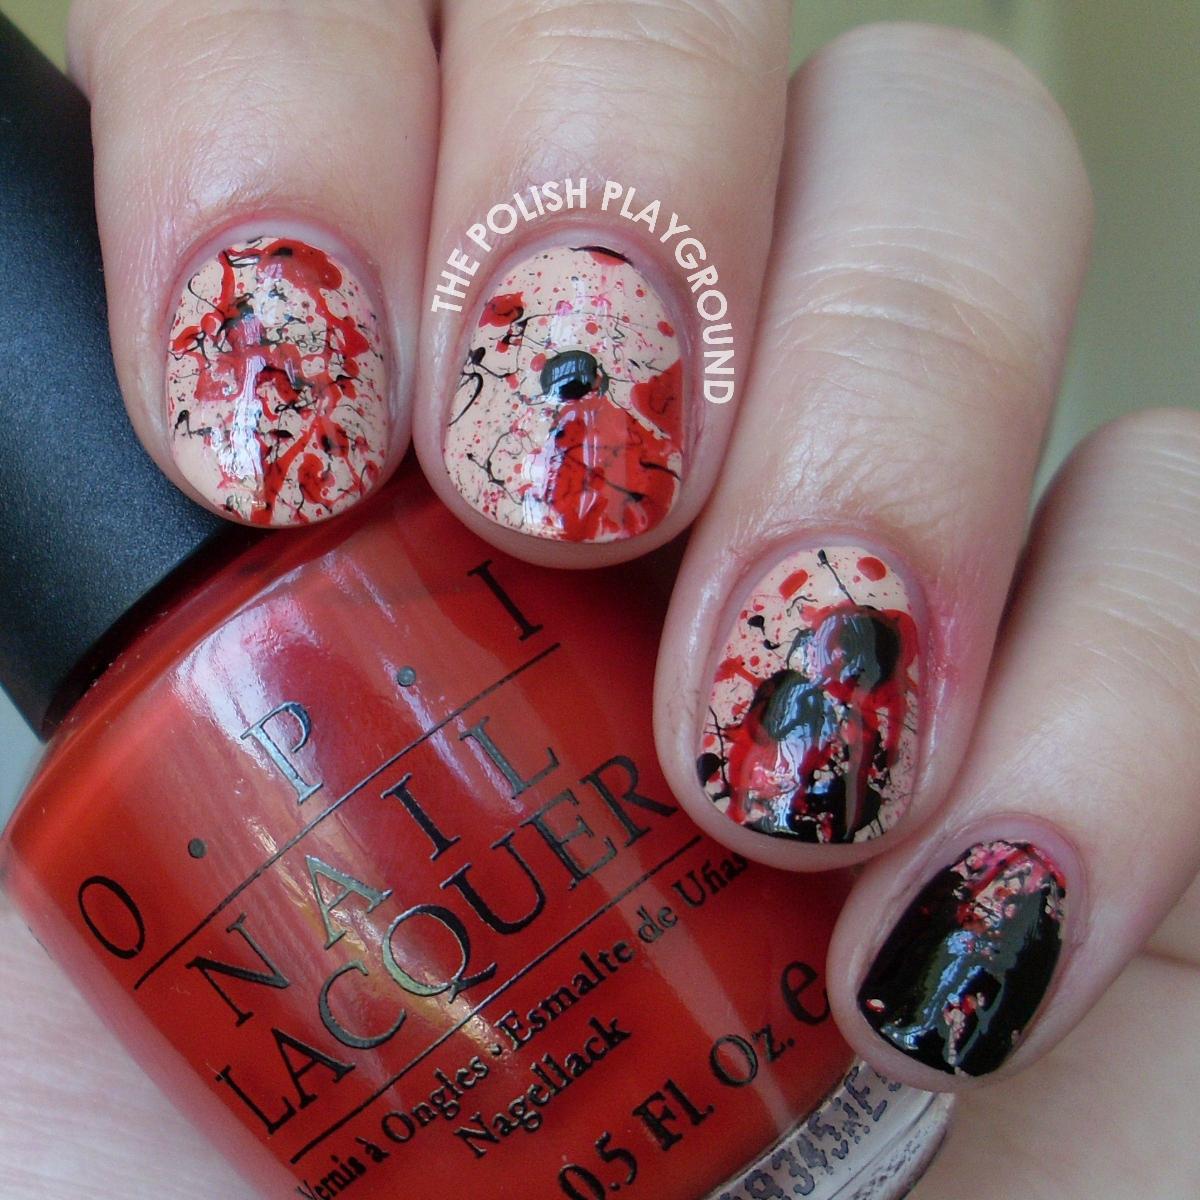 Imas nail art the vampire diaries nail art vampire diaries nail vampire diaries inspired nails images vampire diaries nail art prinsesfo Gallery